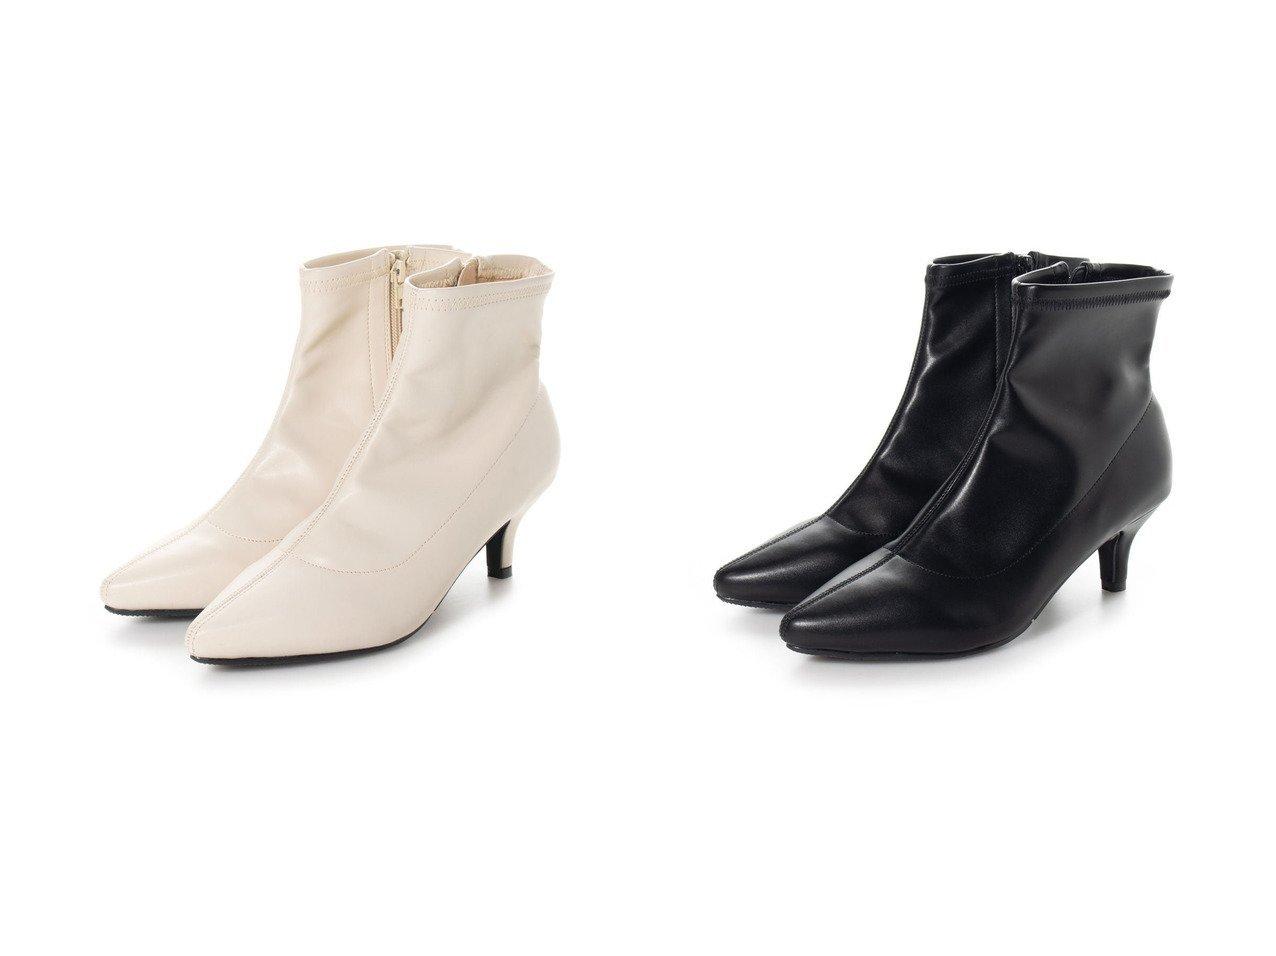 【Padourouge/パドリュージュ】のglitter ポインテッドストレッチブーツ シューズ・靴のおすすめ!人気、トレンド・レディースファッションの通販  おすすめで人気の流行・トレンド、ファッションの通販商品 メンズファッション・キッズファッション・インテリア・家具・レディースファッション・服の通販 founy(ファニー) https://founy.com/ ファッション Fashion レディースファッション WOMEN 2020年 2020 2020-2021 秋冬 A/W AW Autumn/Winter / FW Fall-Winter 2020-2021 A/W 秋冬 AW Autumn/Winter / FW Fall-Winter シンプル スタイリッシュ ストレッチ フィット |ID:crp329100000019306